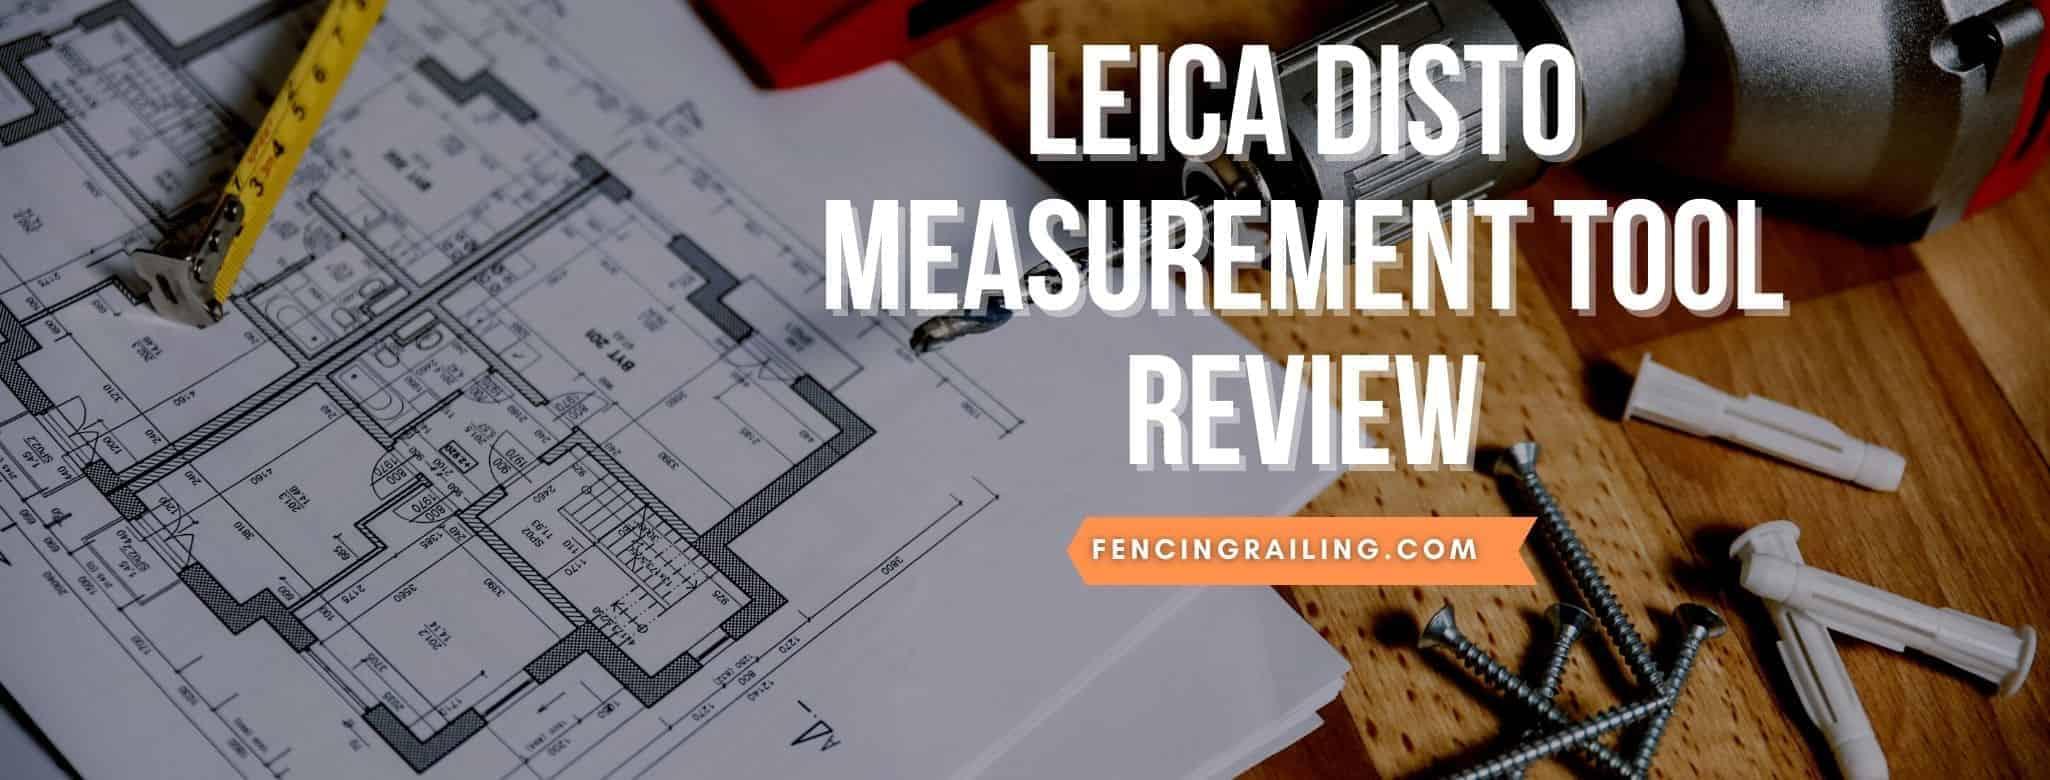 leica laser measuring tool